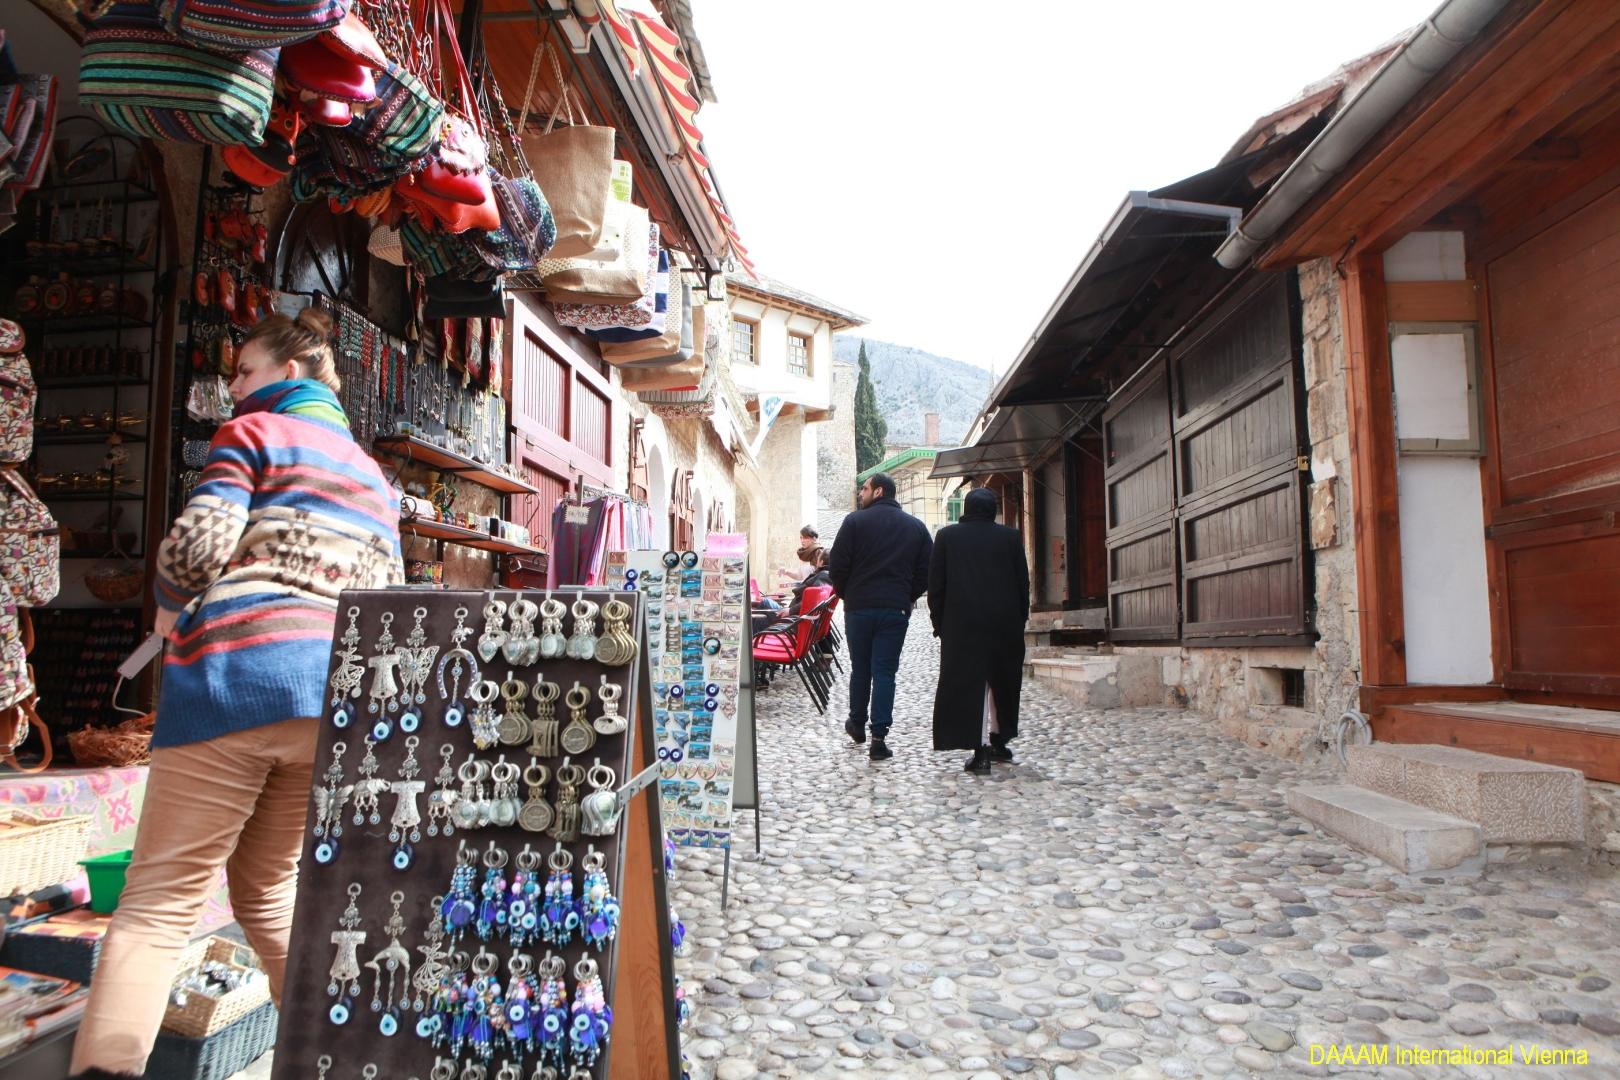 DAAAM_2016_Mostar_01_Magic_City_of_Mostar_048